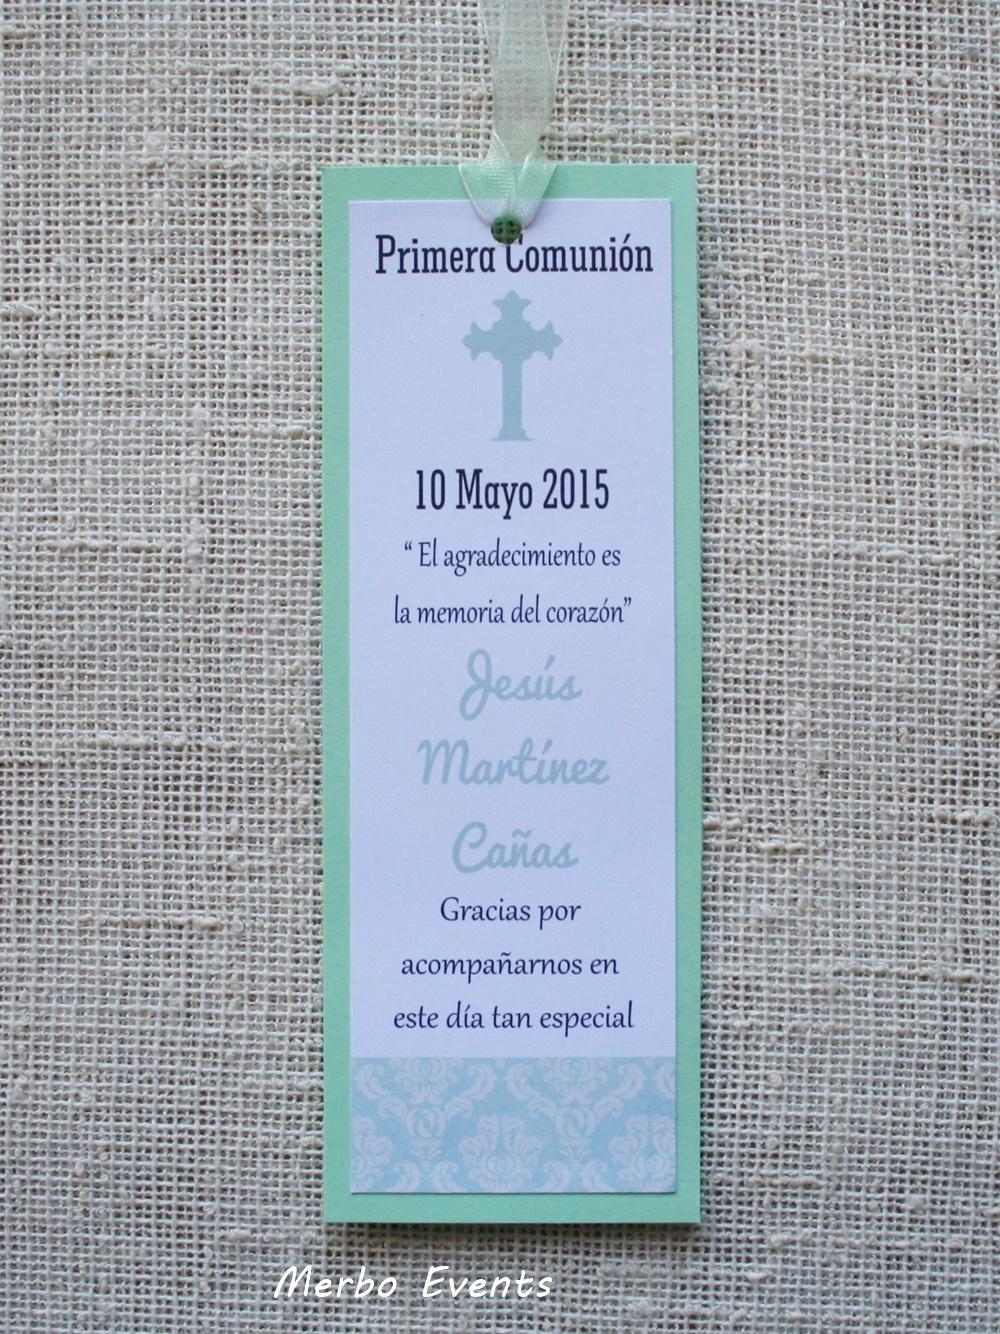 Conjunto invitaciones y punto de libro comunión niño Modelo Mint  Merbo Events